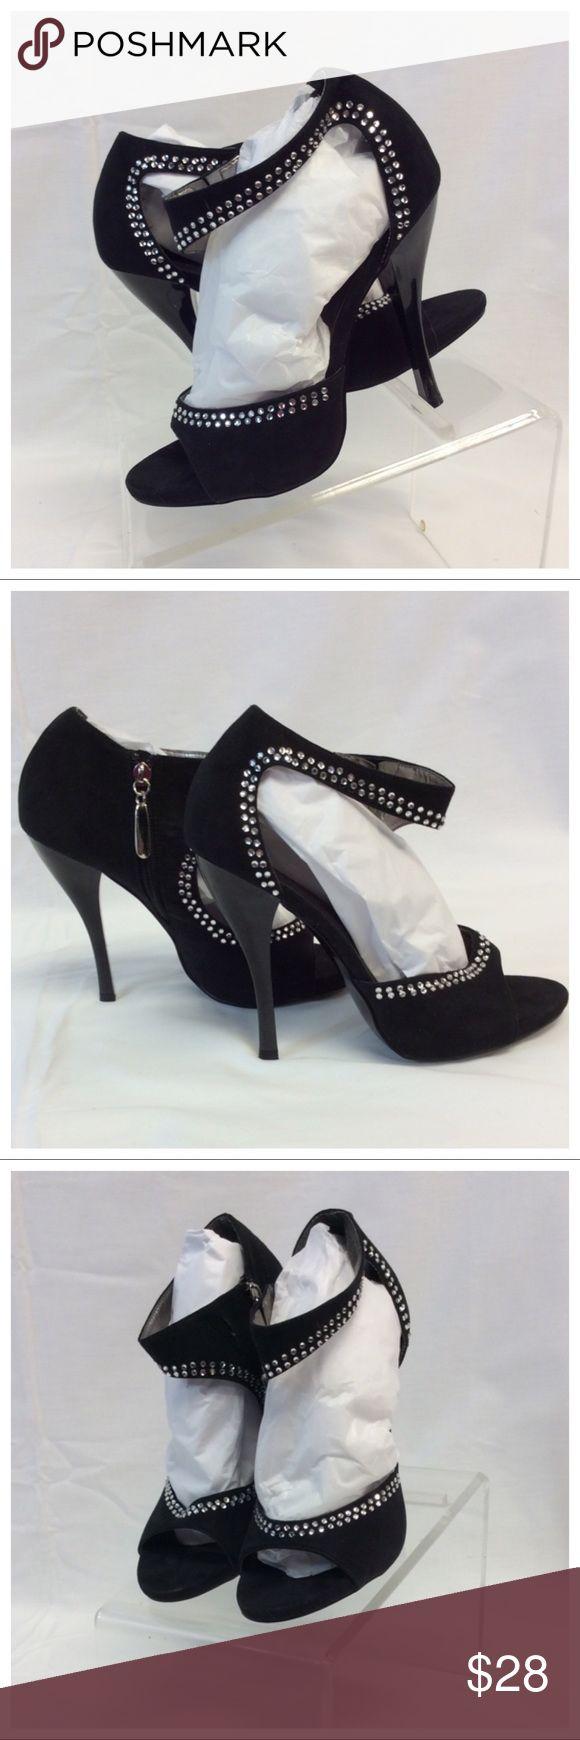 """ROBERTO DURVILLE Open Toe Sequined Heels ROBERTO DURVILLE Open Toe Sequined Heels, Size 6, suede, 4 1/2"""" Heels, 4"""" side zipper. 0622 Roberto Durville Shoes Heels"""